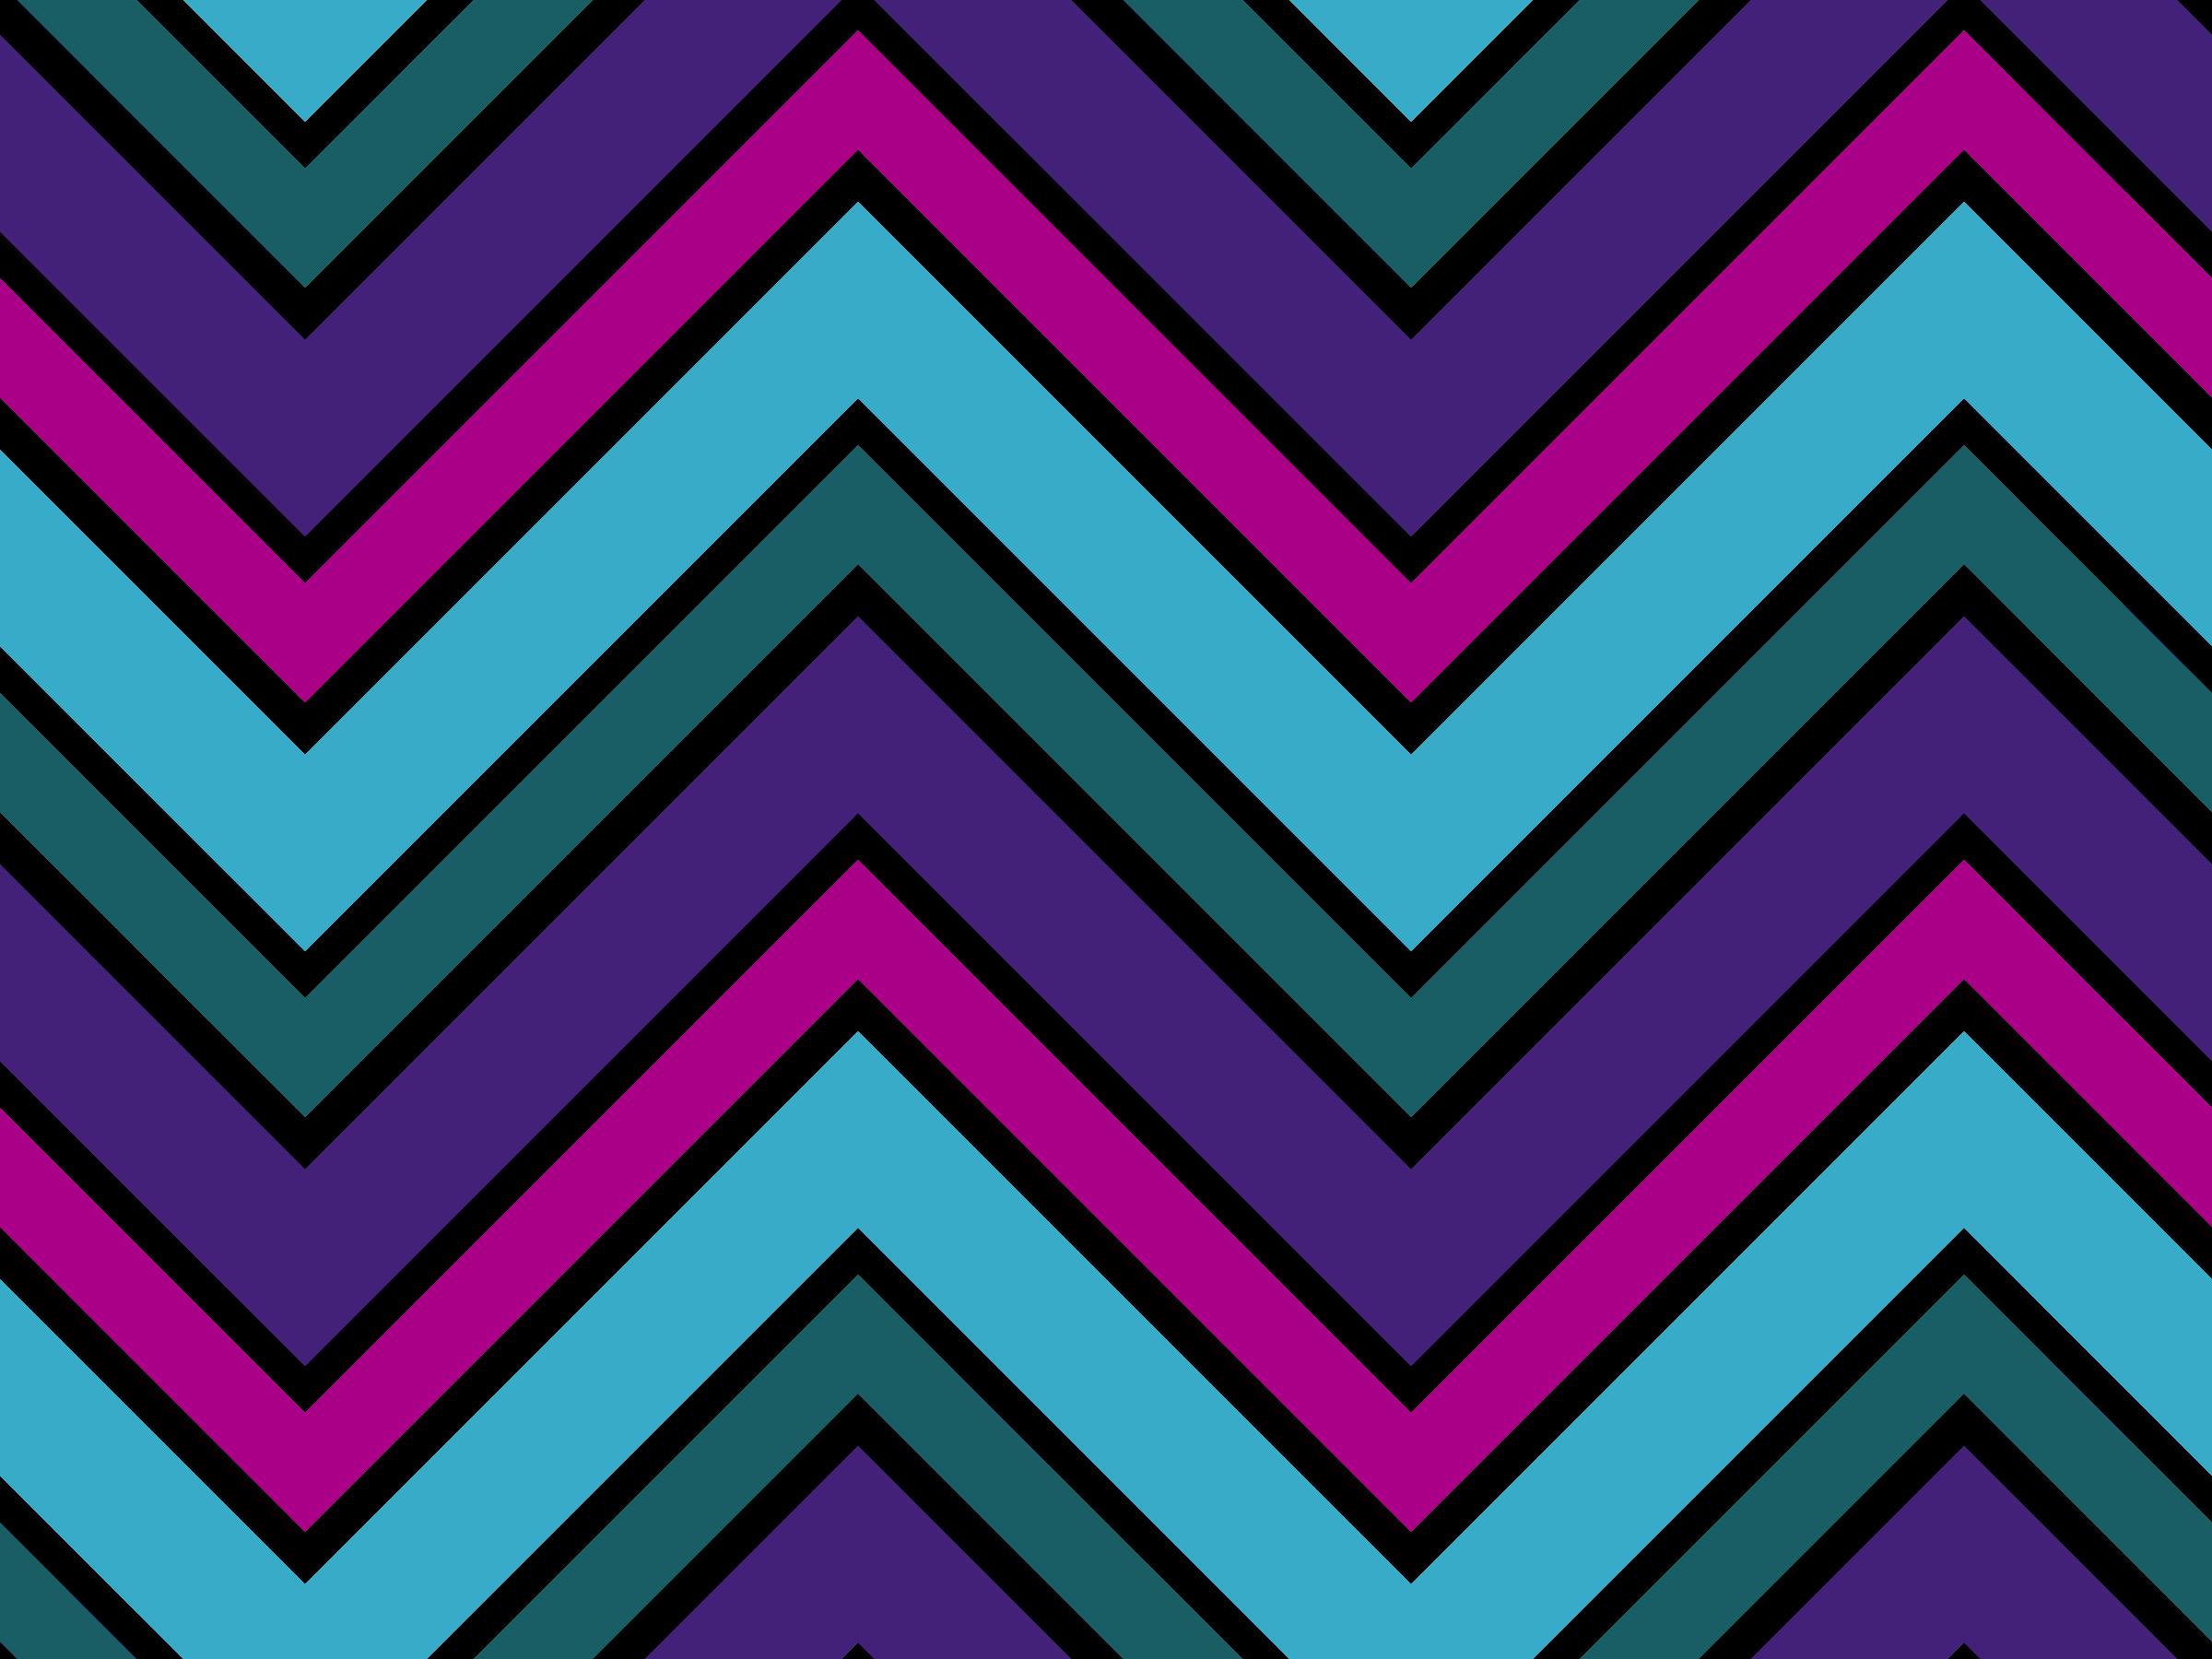 chevron pattern wallpaper - HD2400×1800